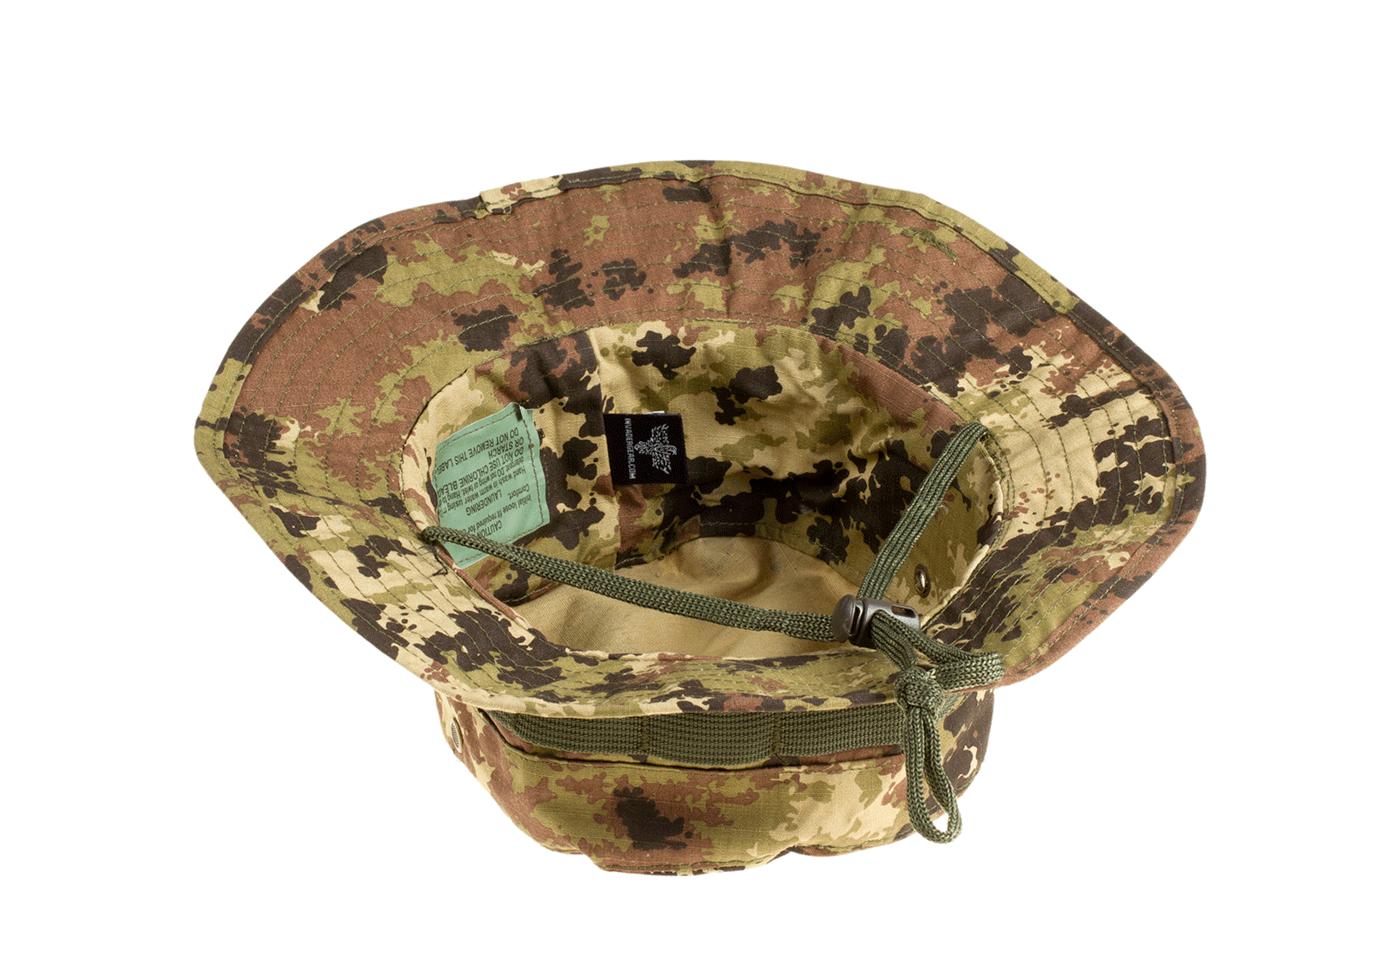 Boonie Hat Vegetato 59   L - Boonies - Kopfbedeckungen - Bekleidung -  invadergear.com Onlineshop 46cd721219e9